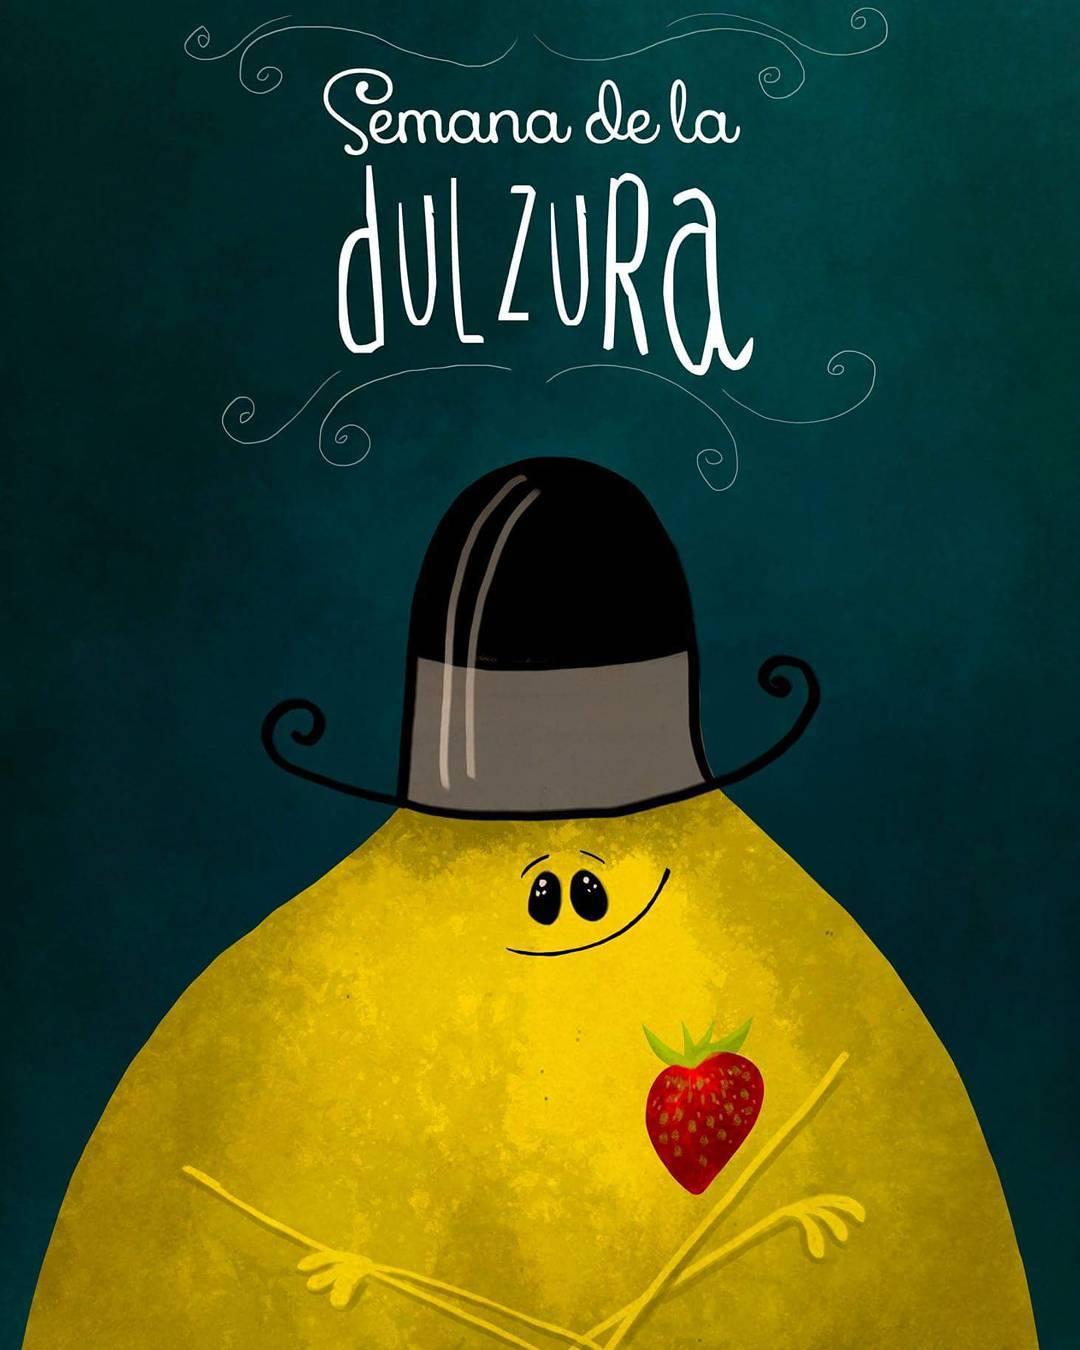 #SemanaDeLaDulzura dónde están mis chocolates